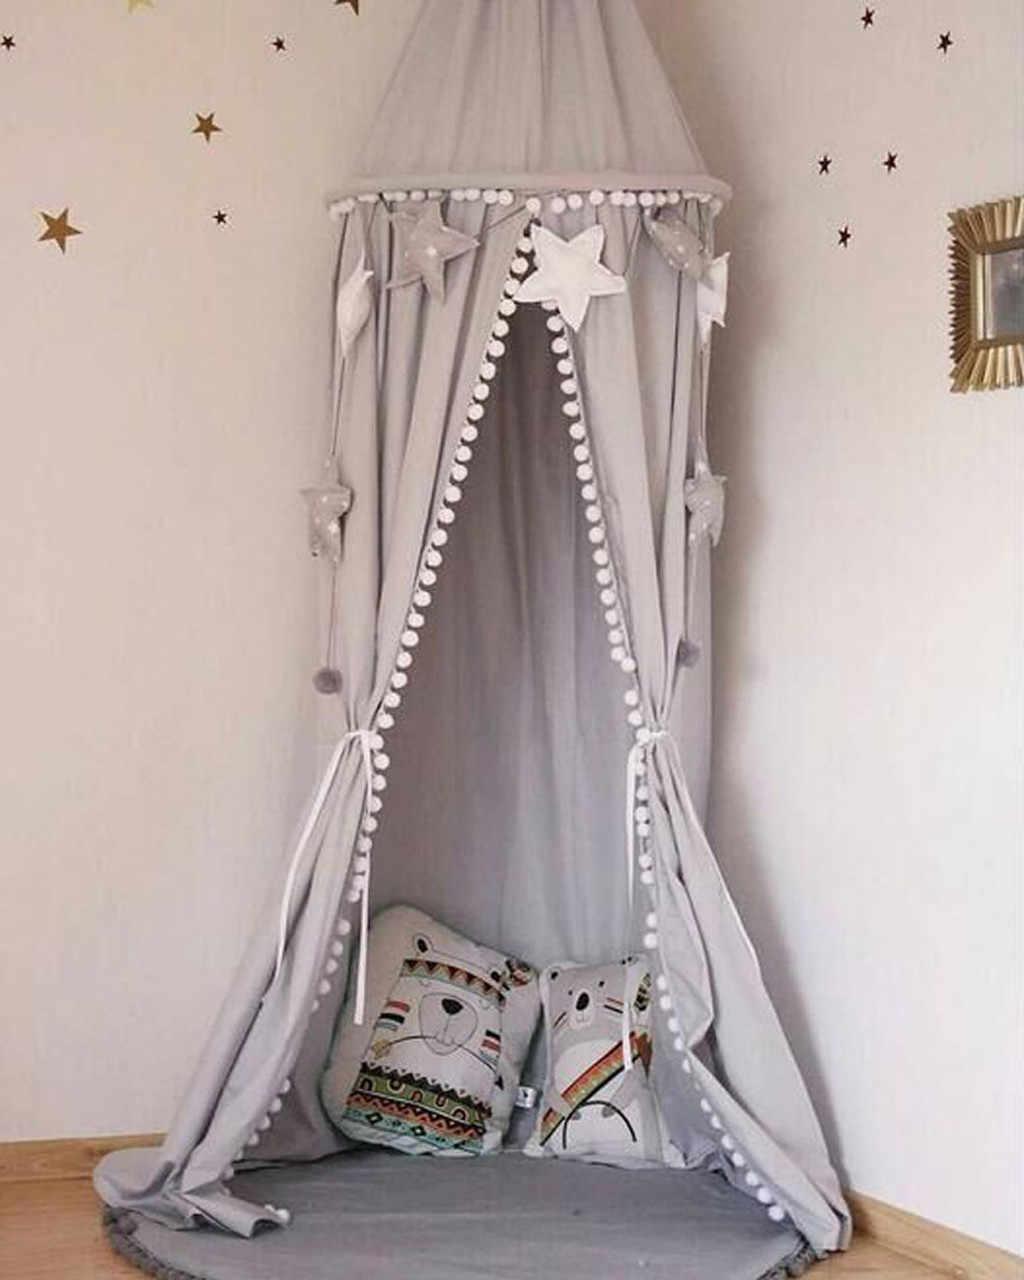 Балдахин москитная сетка круглый навес для детской кроватки москитная сетка-Полог реквизит для фотосъемки baldachin dekoration москитная сетка для кровати